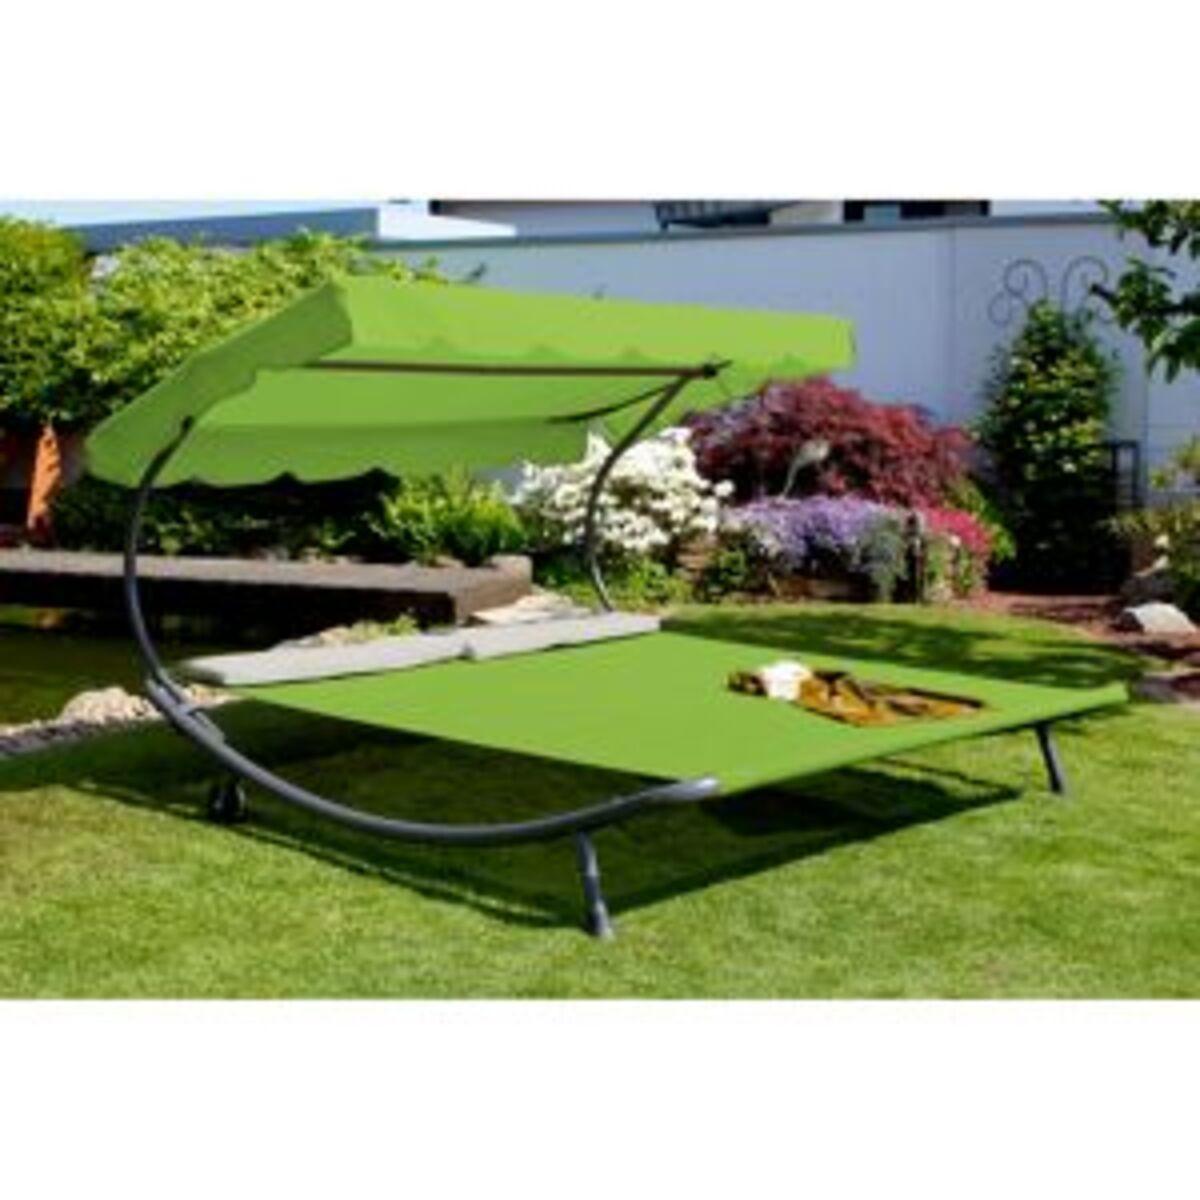 Bild 1 von Leco Gartendoppelliege mit Dach grün/grau 200 x 200 x 110 cm